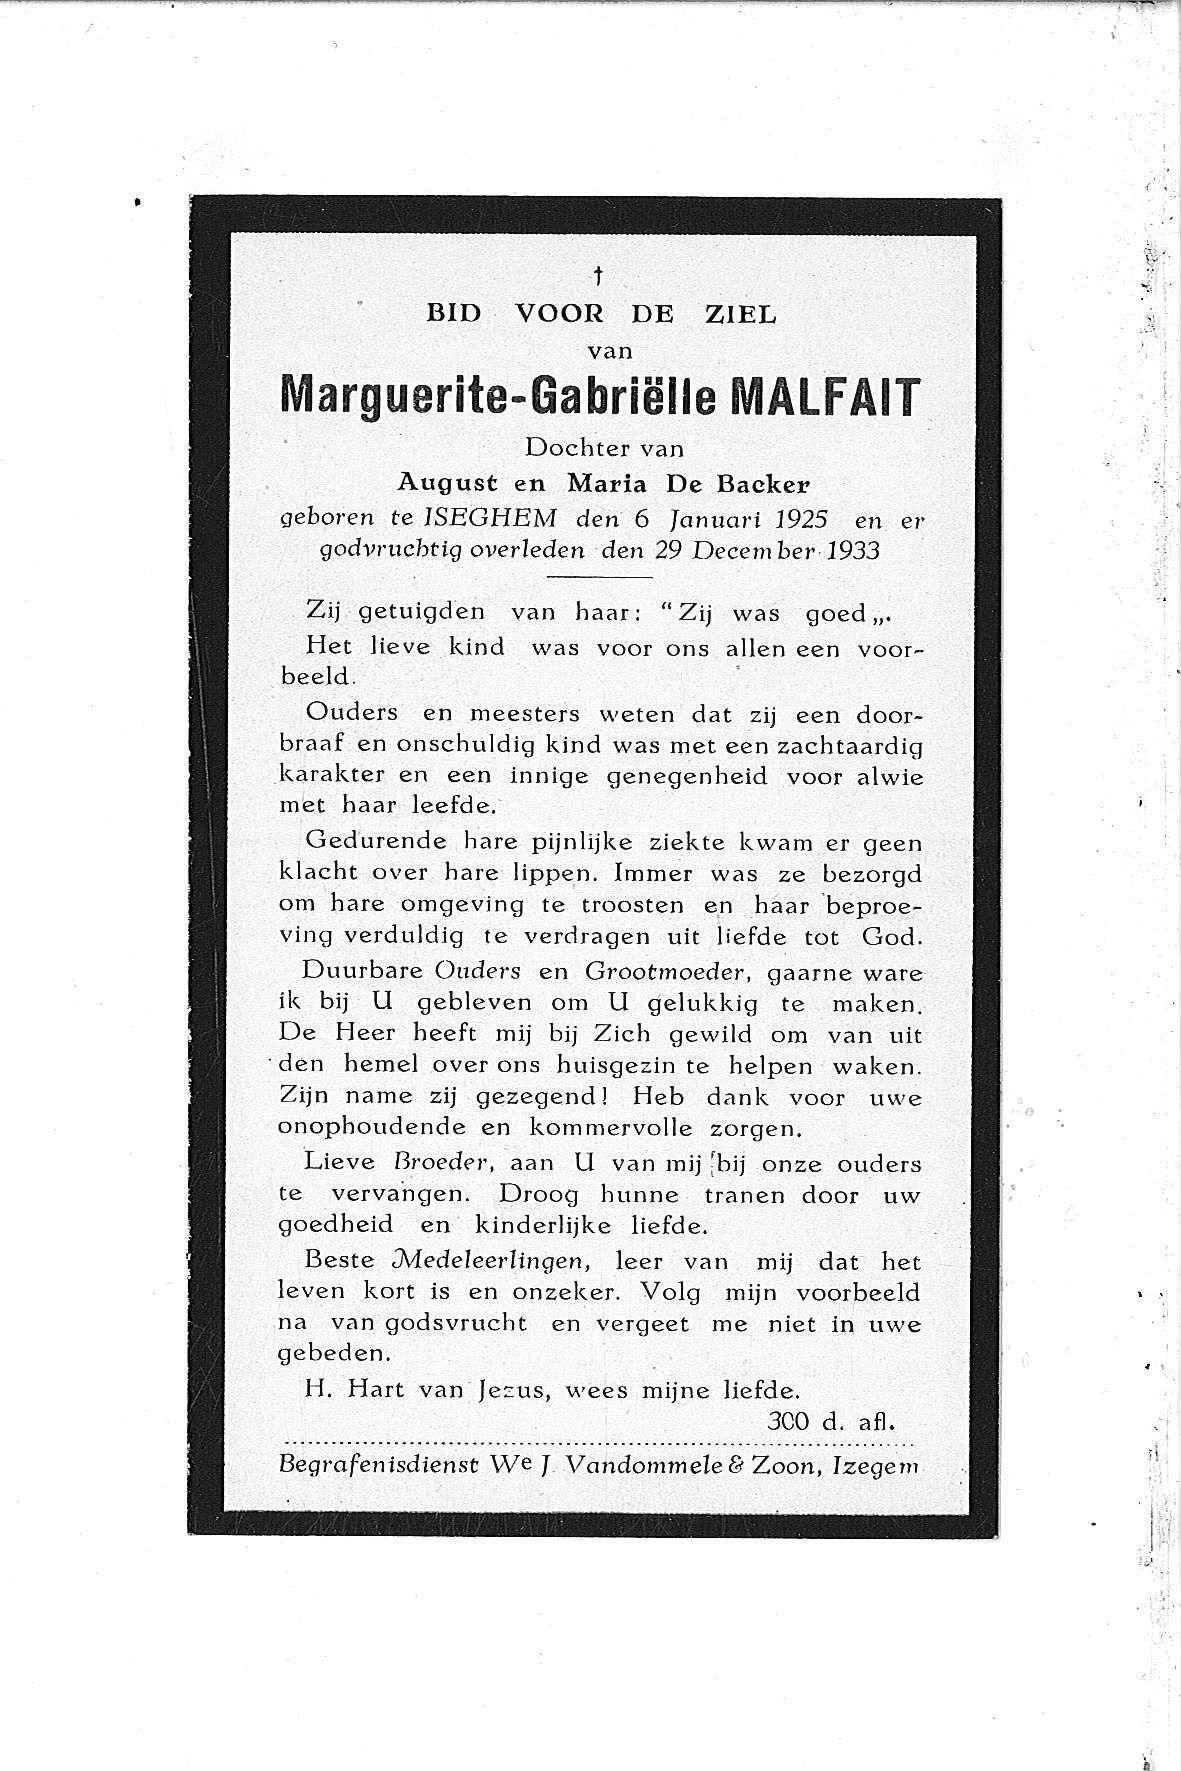 Marguerite-Gabriëlle (1933) 20111121154356_00164.jpg